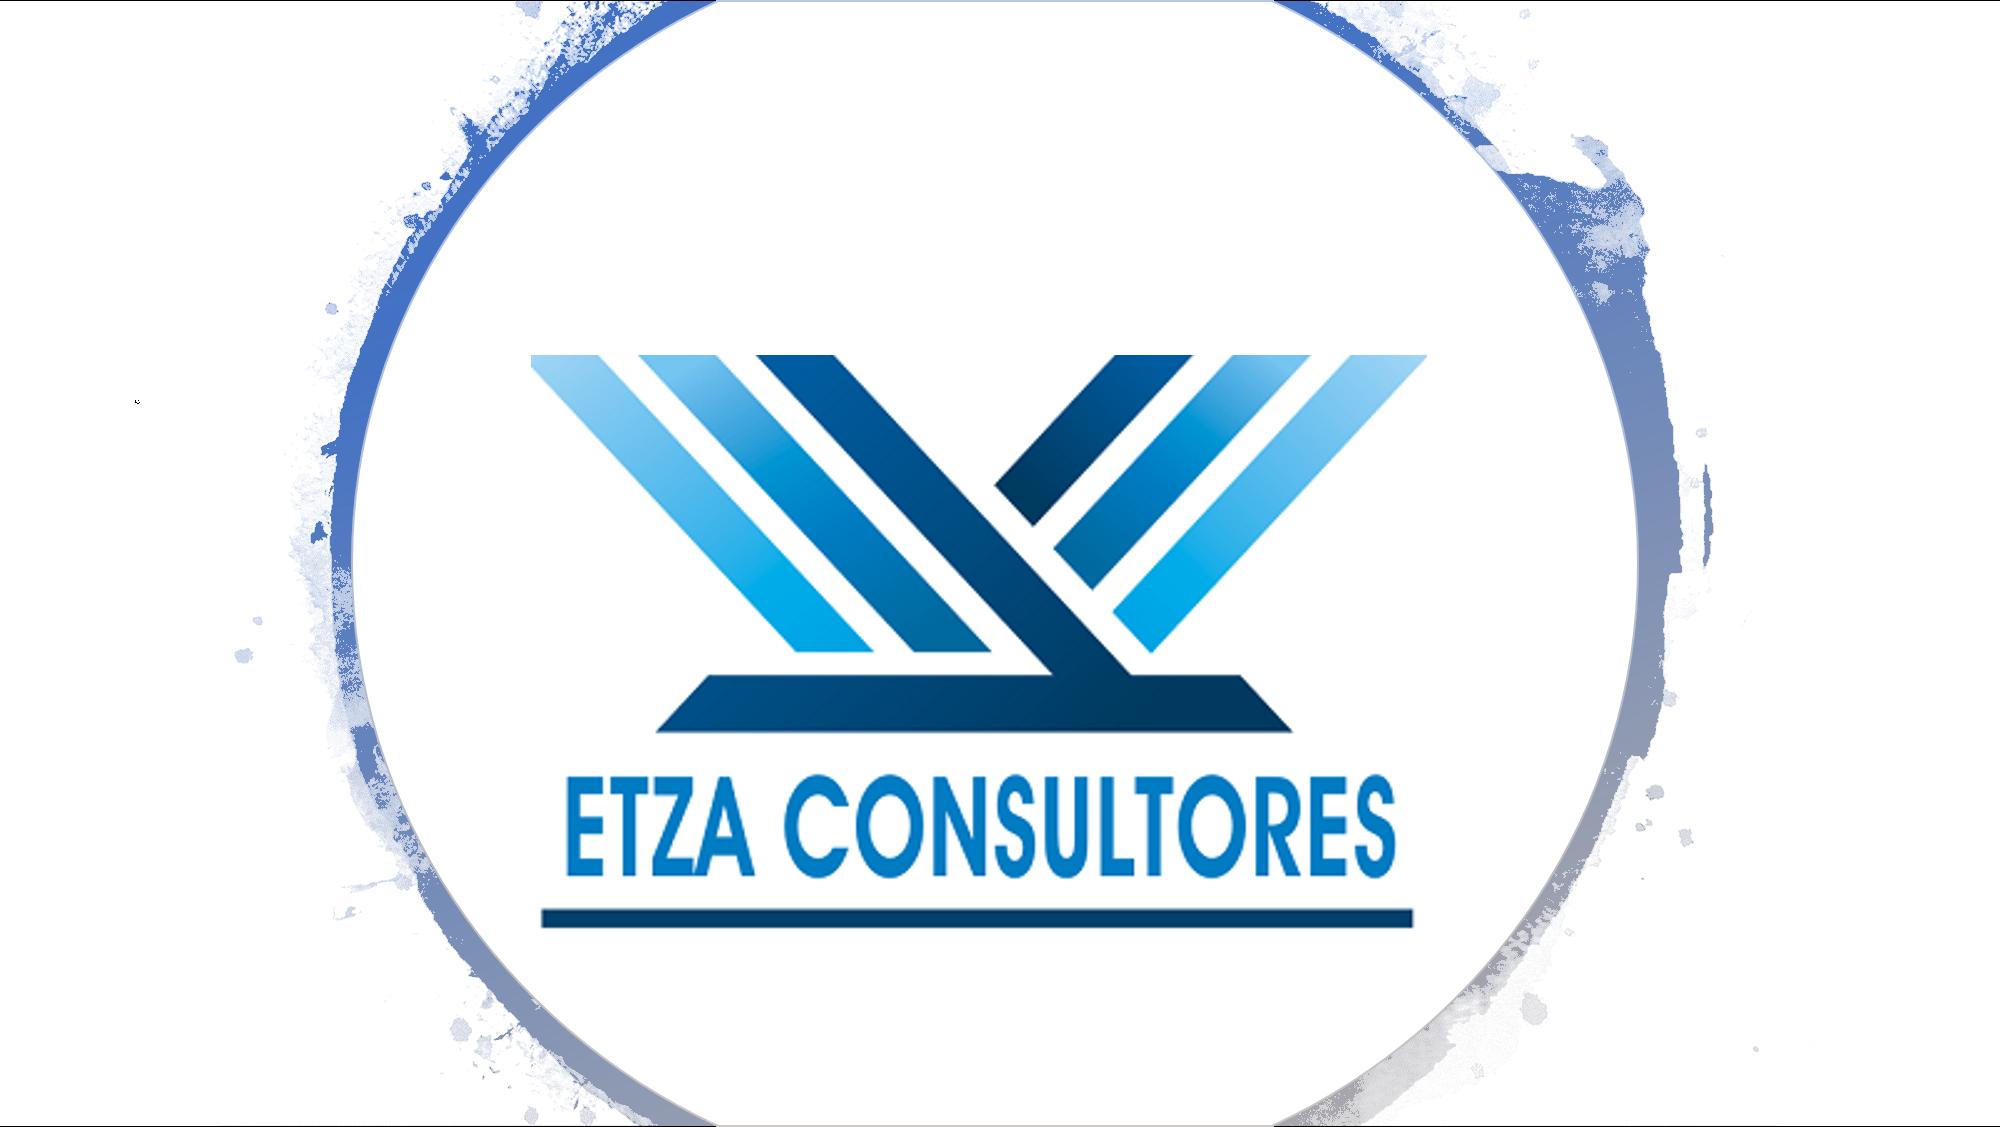 Etza Consultores